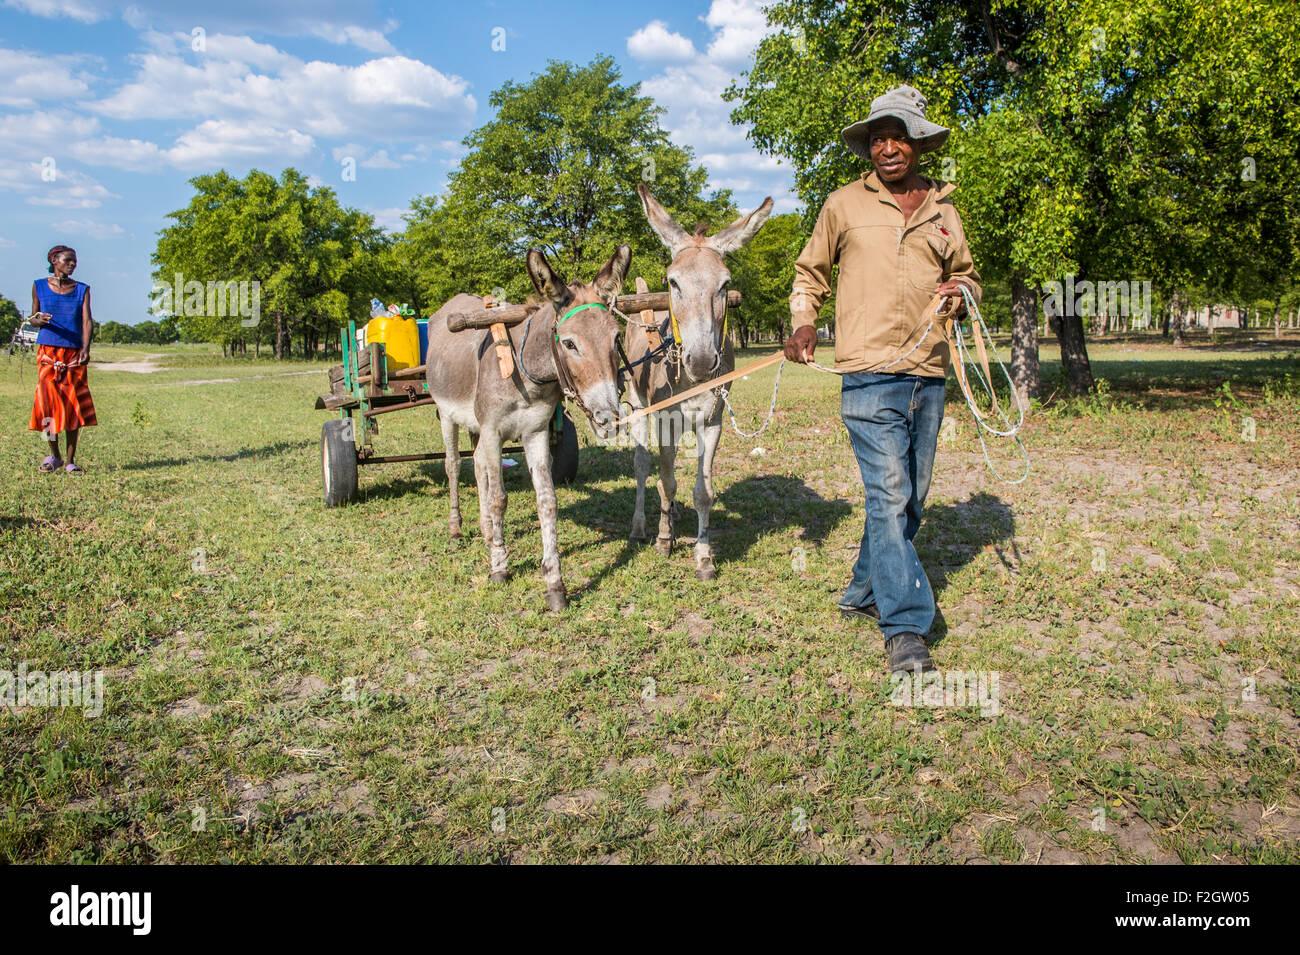 Les Africains avec des ânes tirant une charrette dans une zone rurale au Botswana, l'Afrique Photo Stock